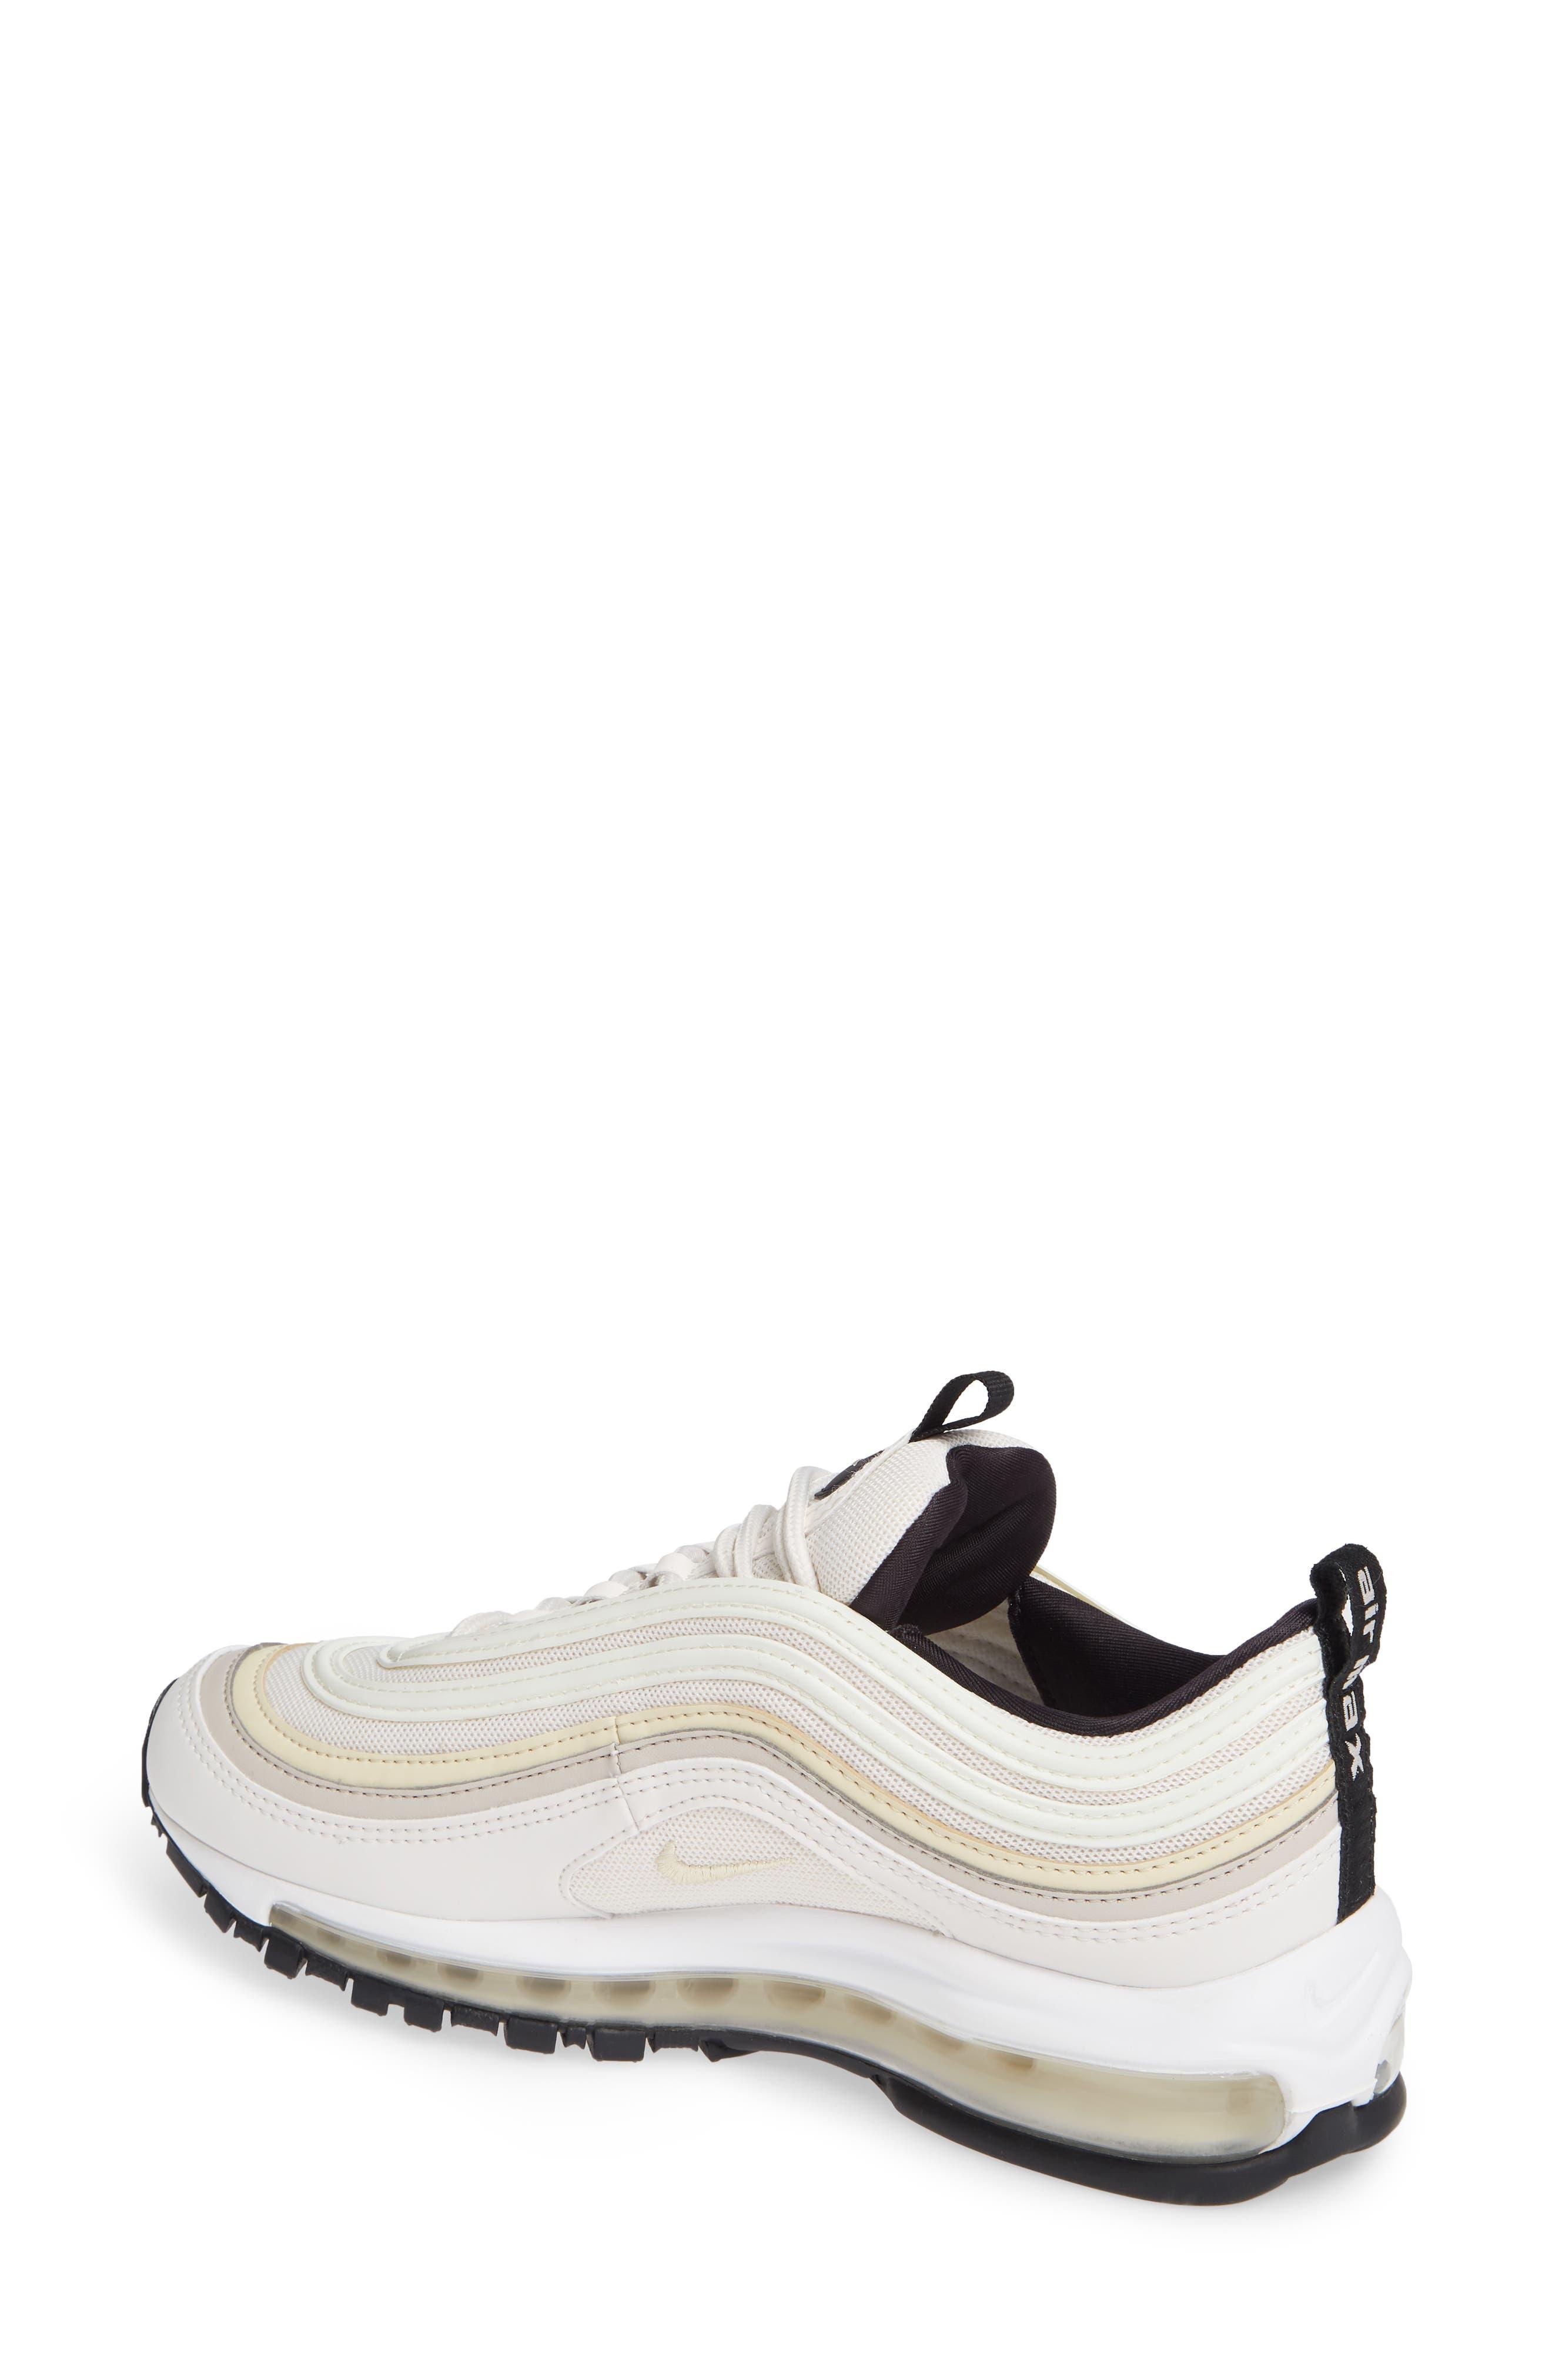 Air Max 97 Sneaker,                             Alternate thumbnail 2, color,                             250